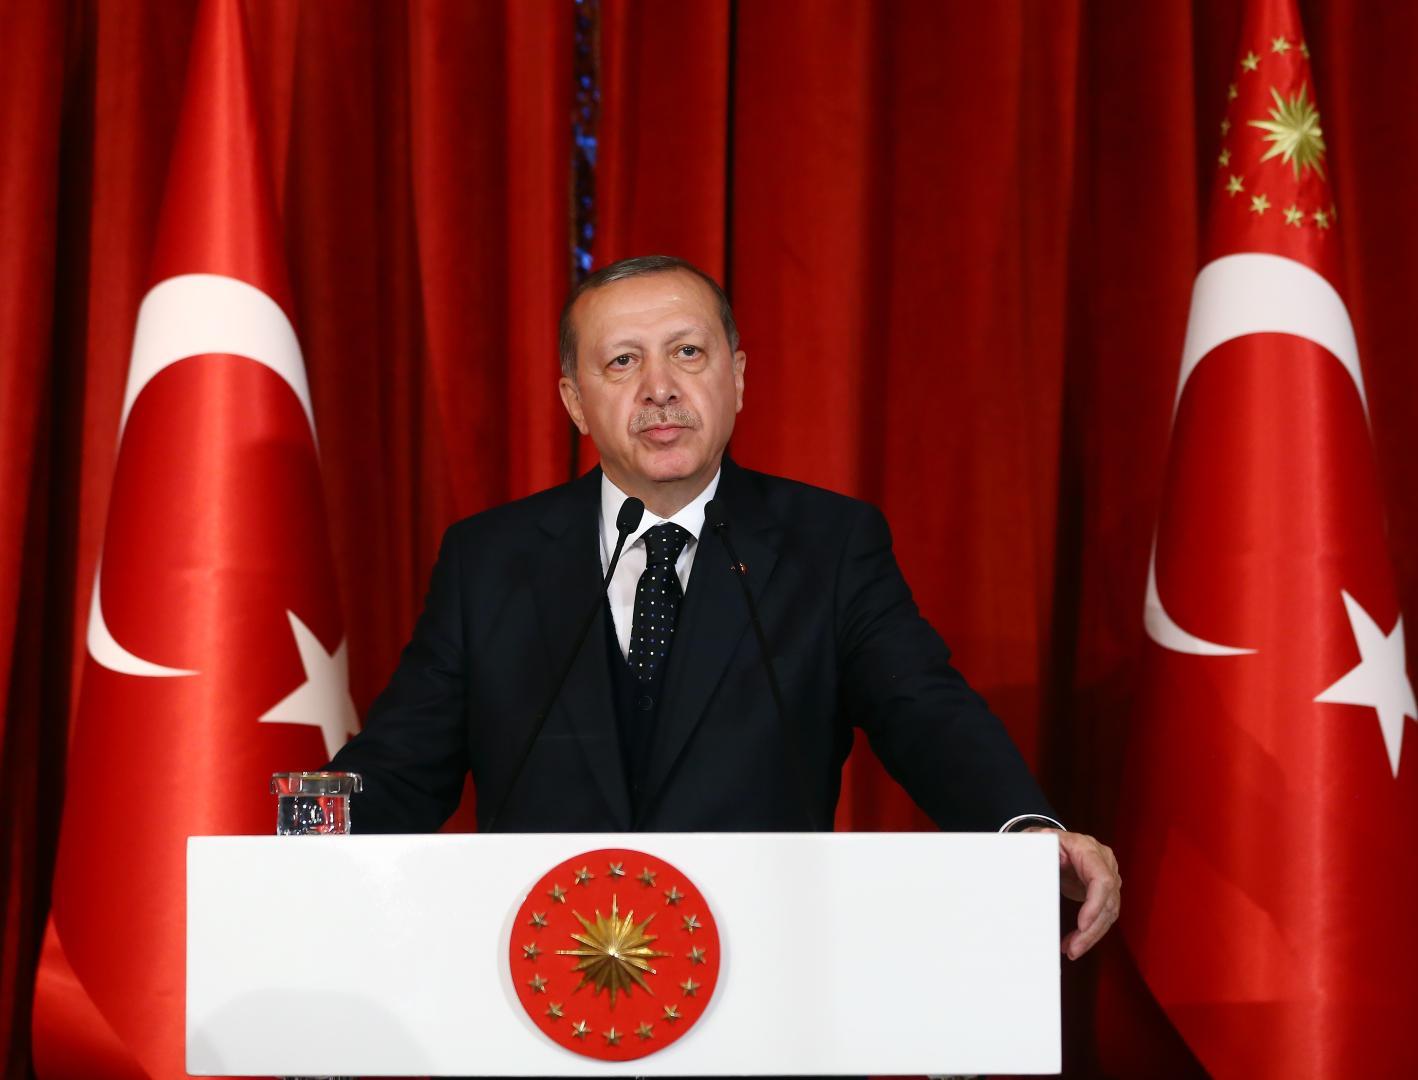 Recep-Tayyip-Erdogan-mulțumit-de-victoria-absolută-obținută-la-alegerile-parlamentare-și-prezidențiale-din-24-iunie